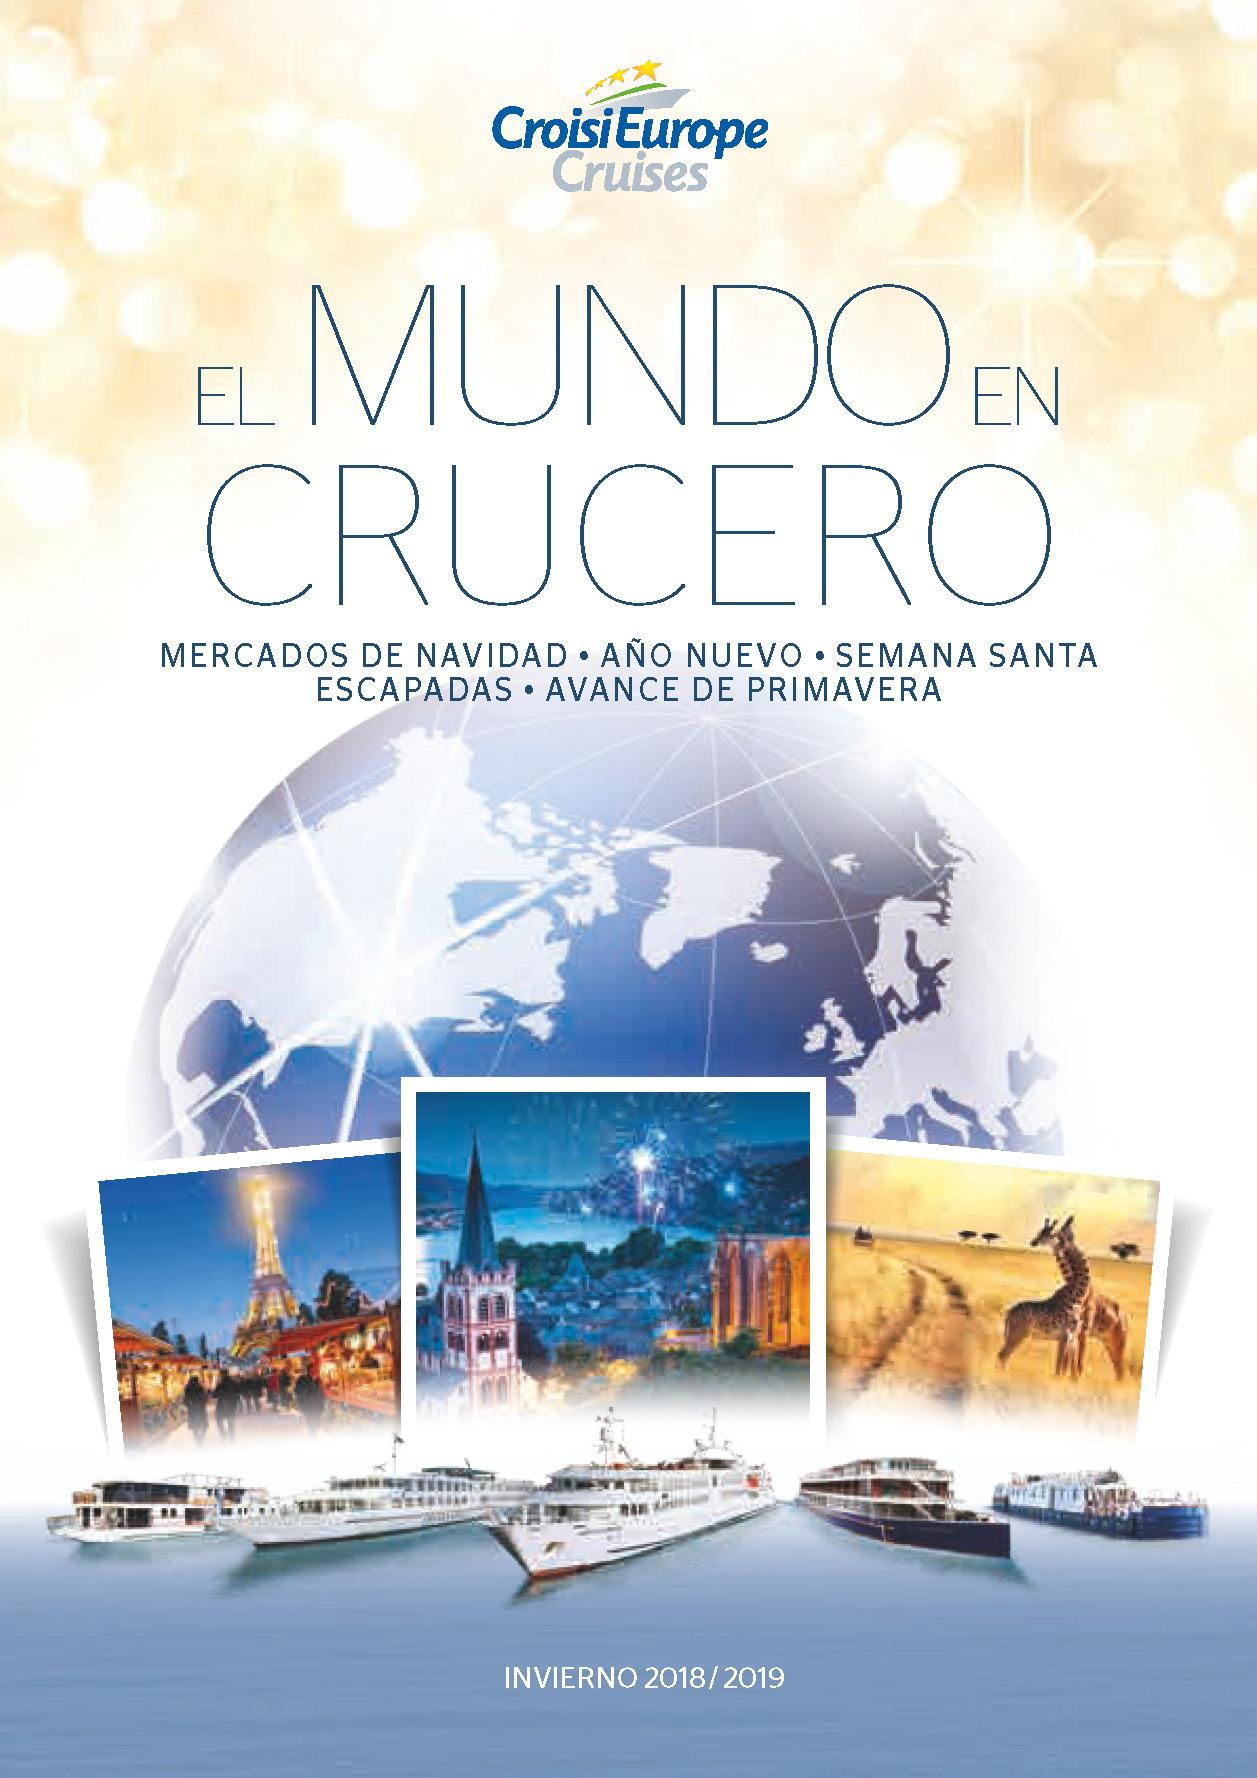 Catalogo CroisiEurope Cruceros Invierno y Semana Santa 2019